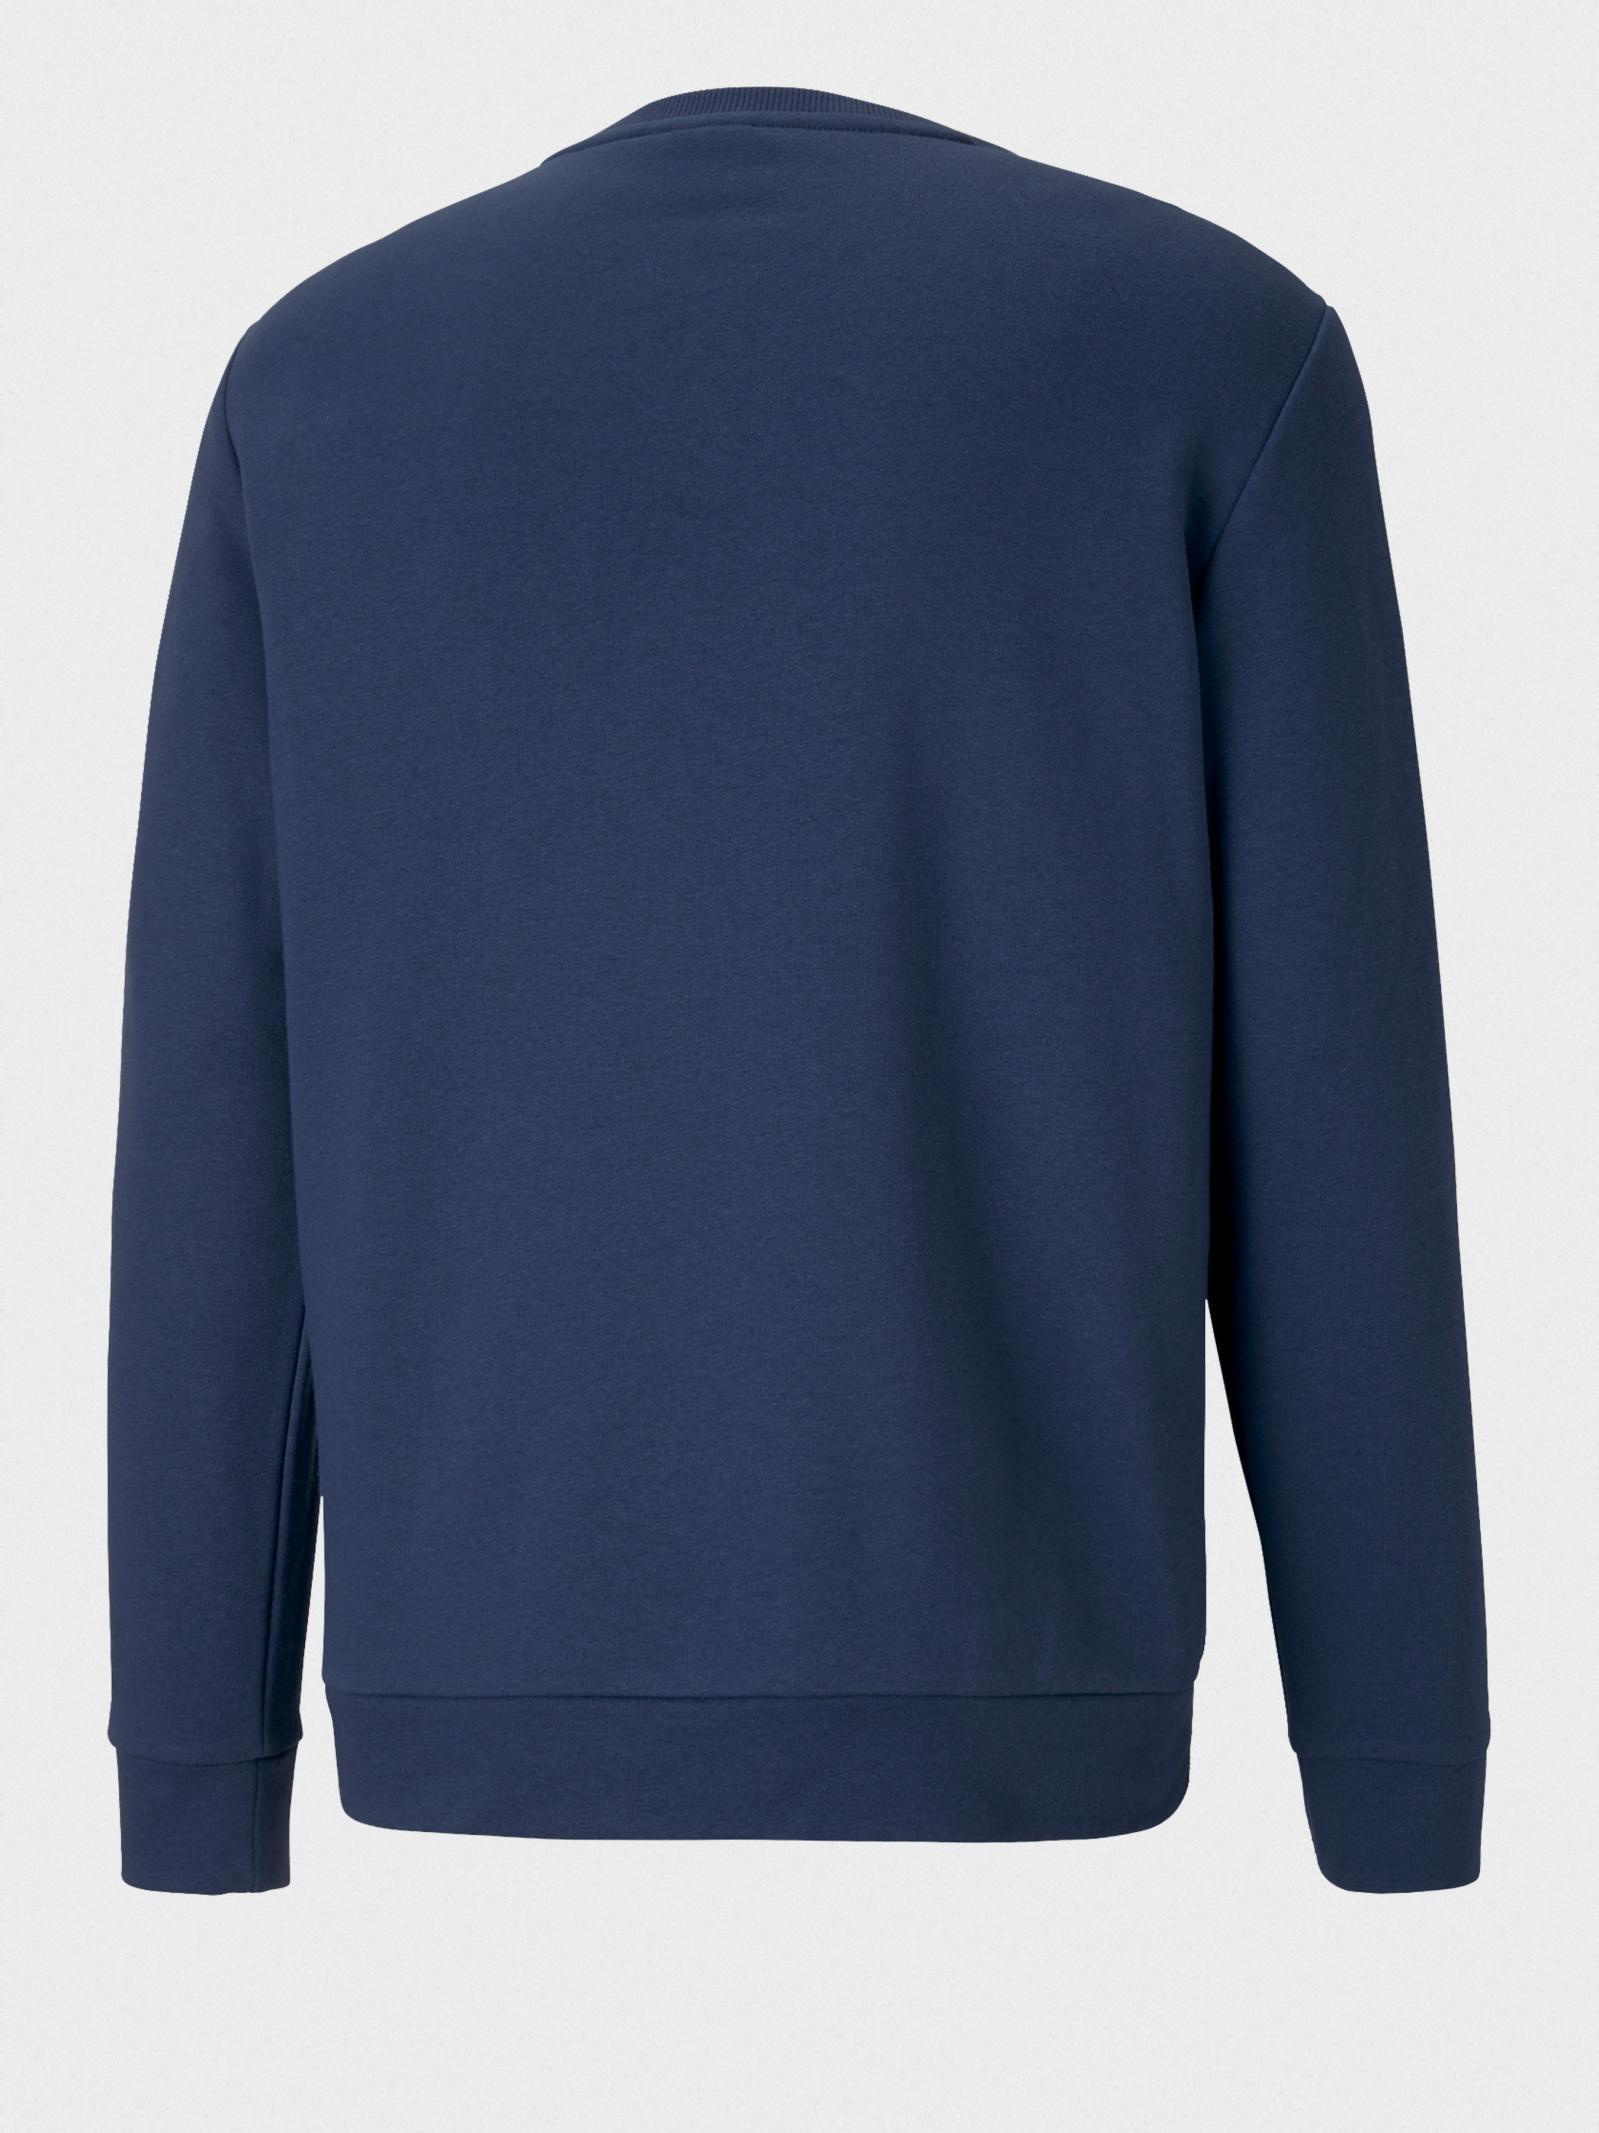 PUMA Кофти та светри чоловічі модель 58139143 придбати, 2017